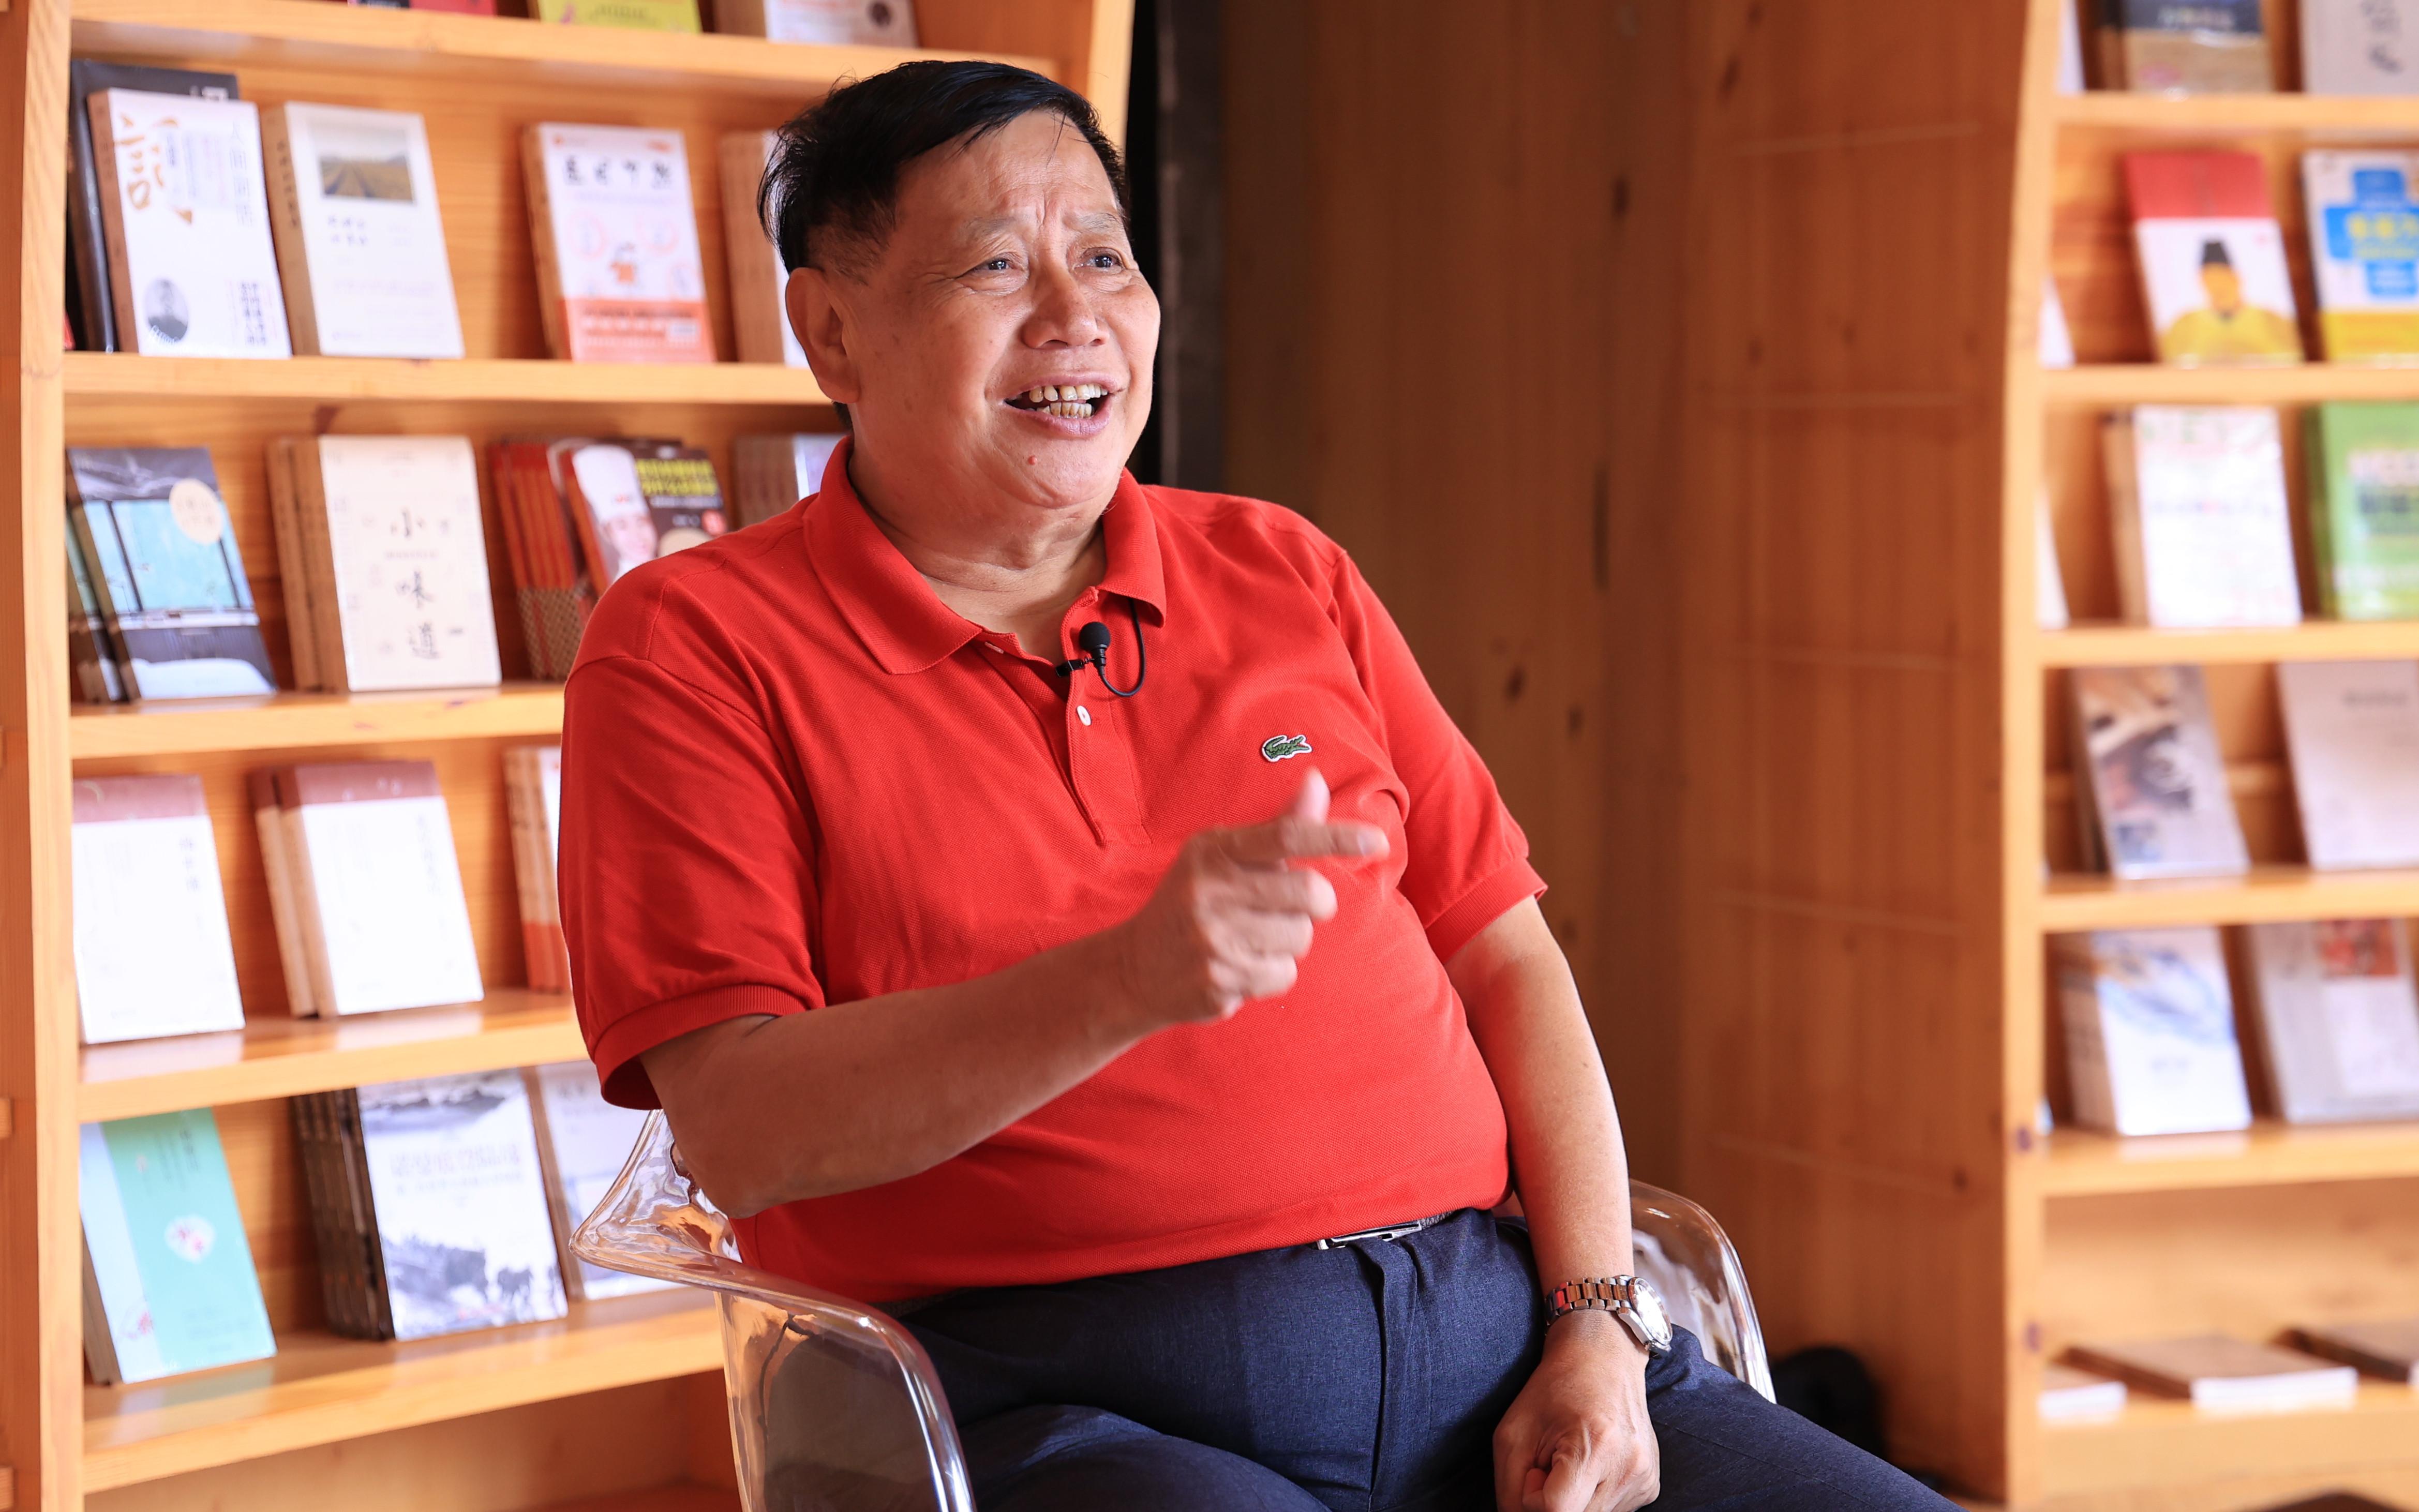 戴志坚:传统文化保护要看长远发展,不能只关注眼前利益